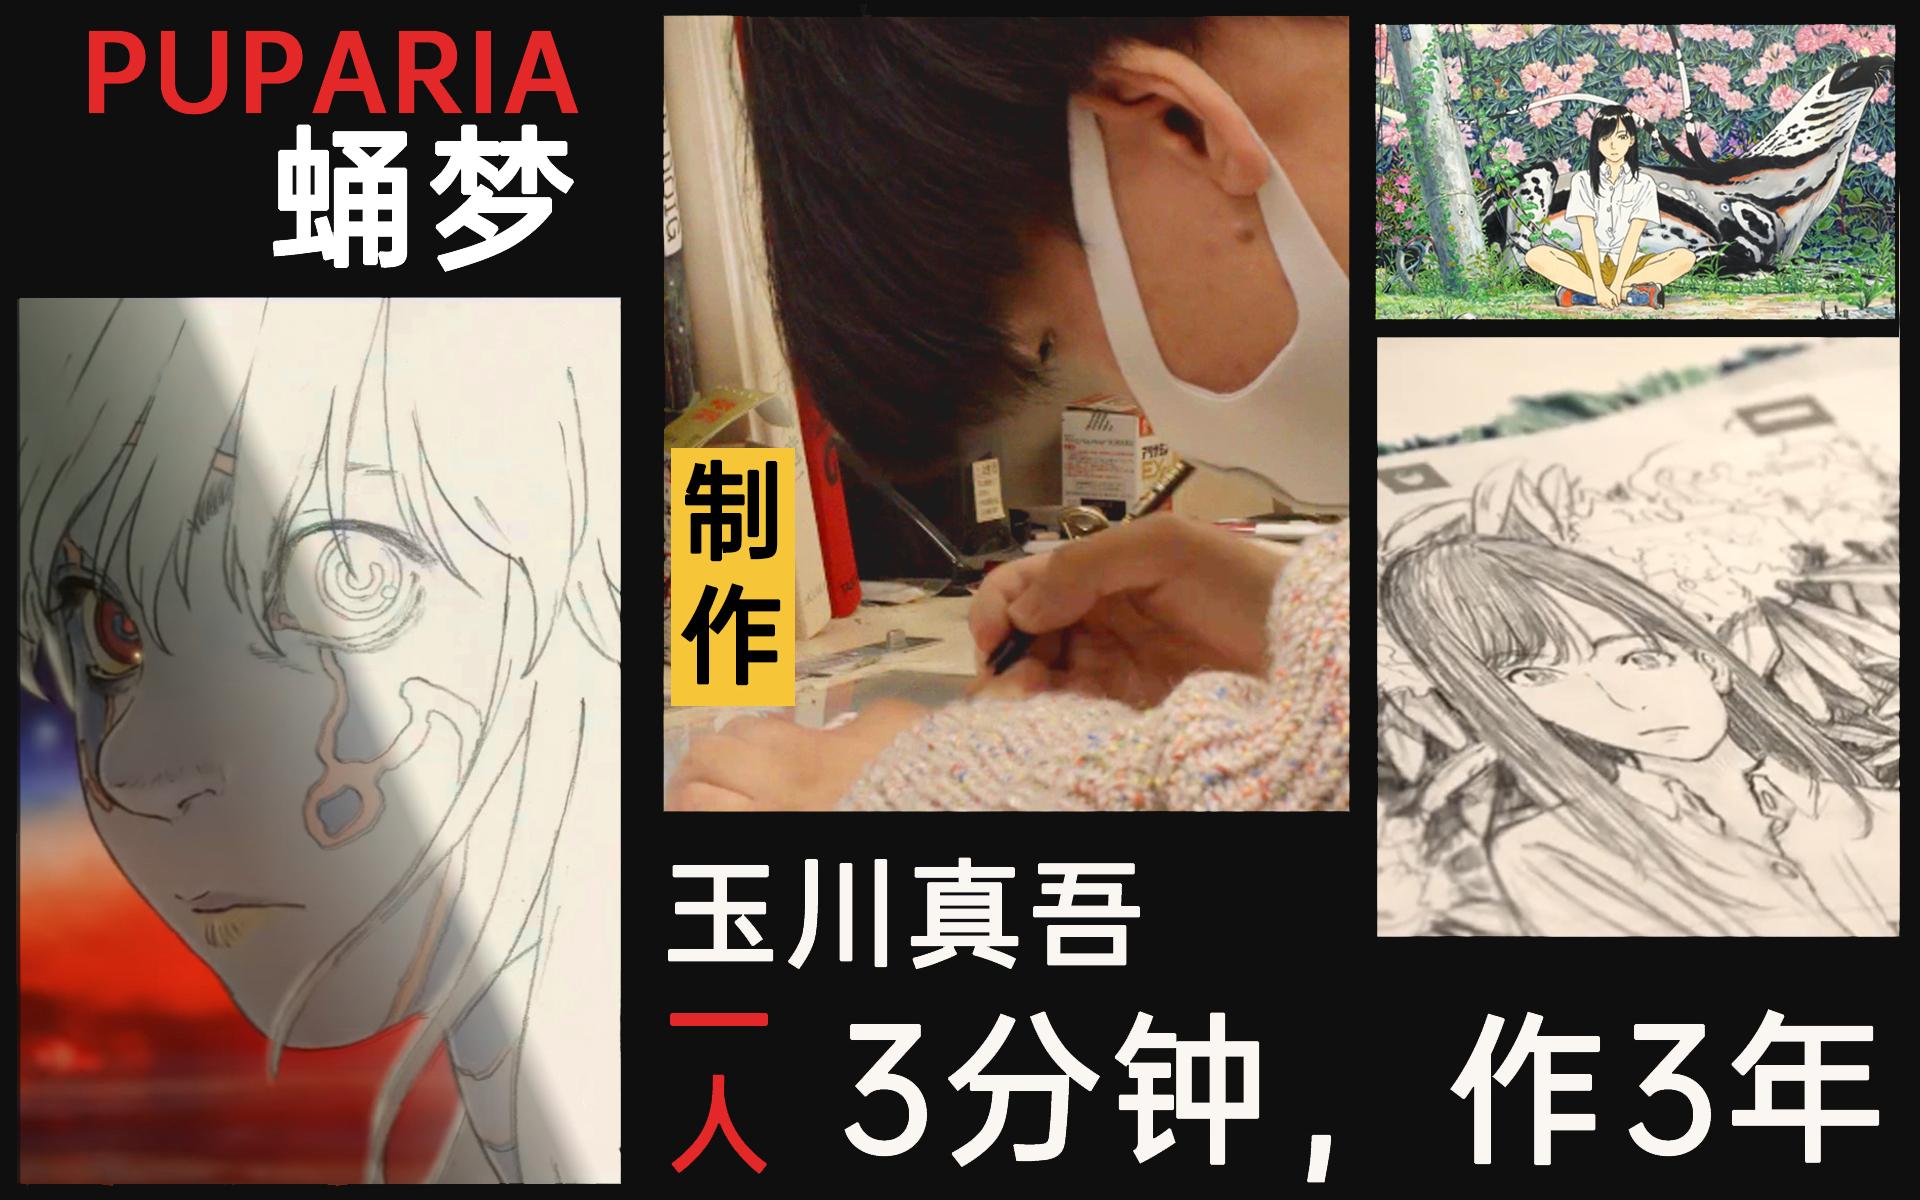 【 3分钟,作3年 】玉川真吾导演告诉你《PUPARIA 蛹夢》独自创作的秘密!(中文)